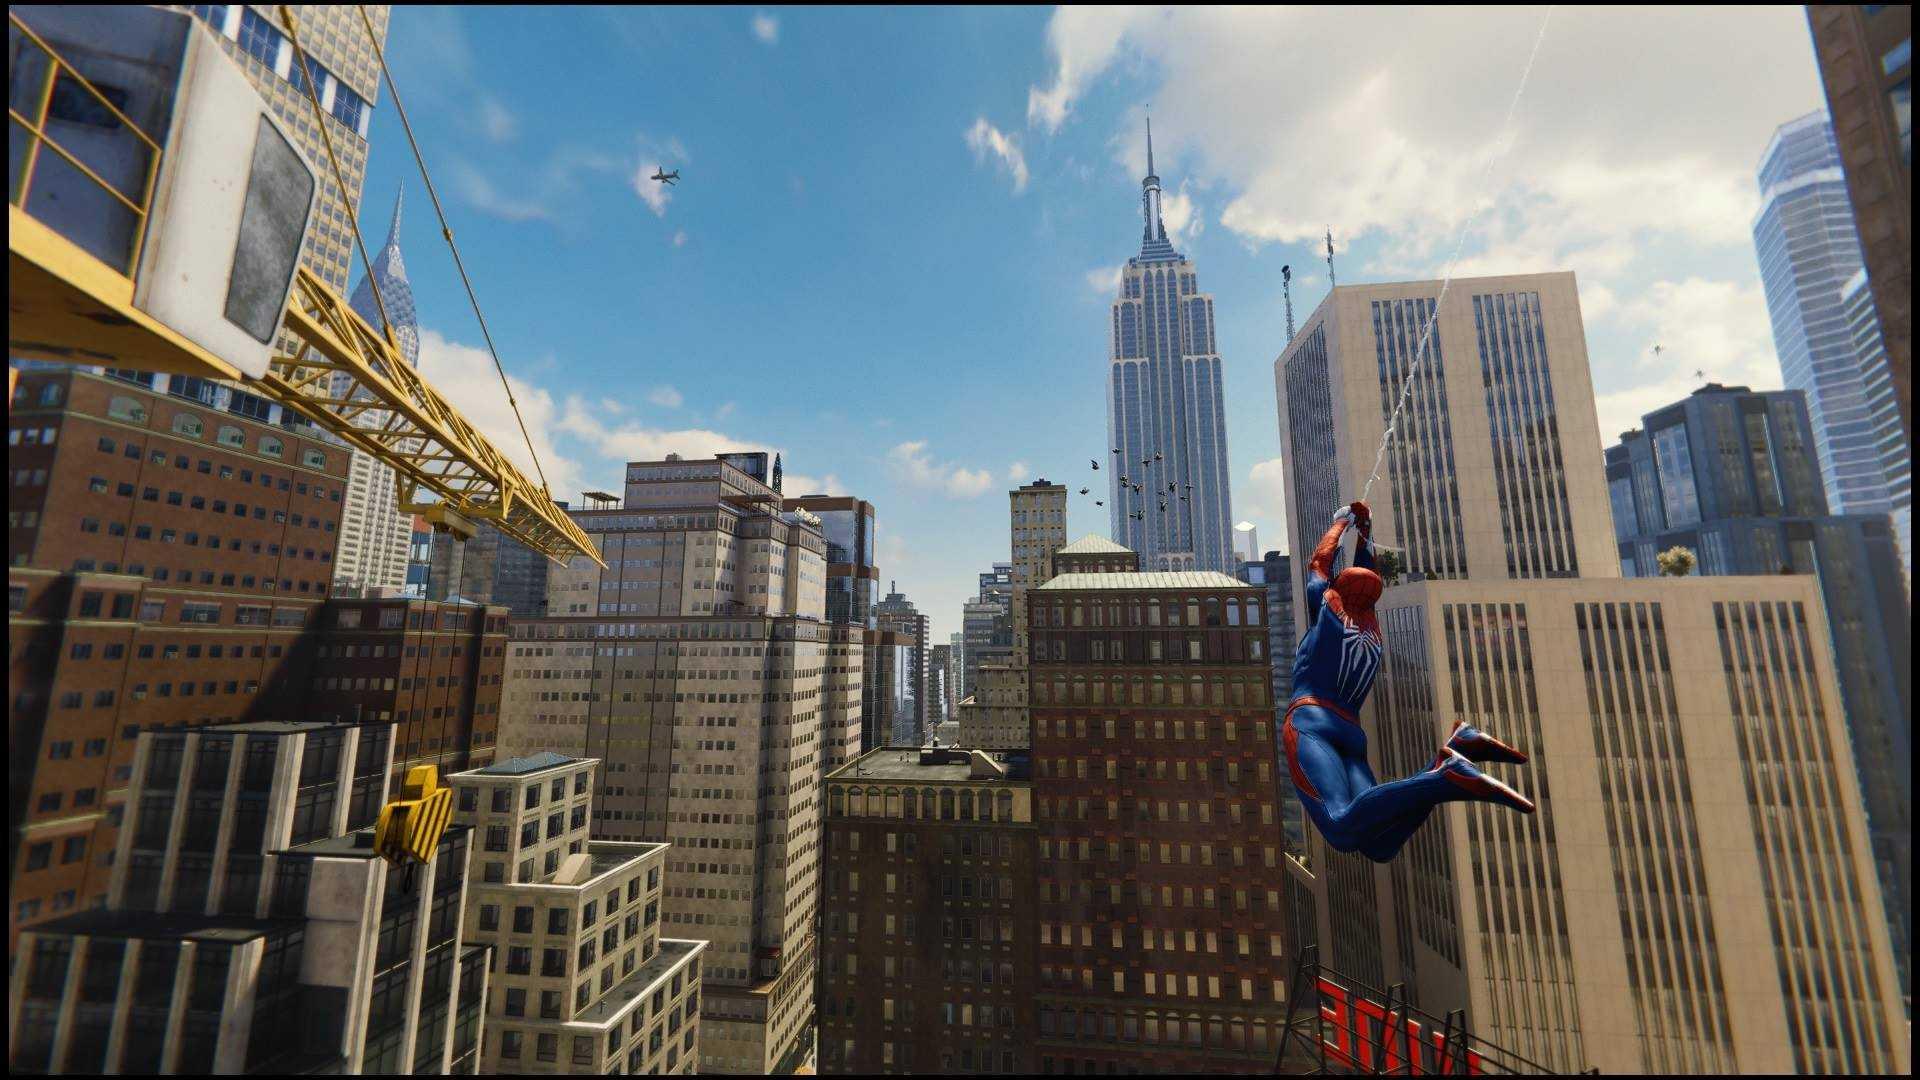 スパイダーマン【レビュー】オープンワールドが箱庭感覚になる驚異のウェブアクション!かっこいいだけじゃ終われないスーパーヒーローの苦悩を描いたストーリーも必見